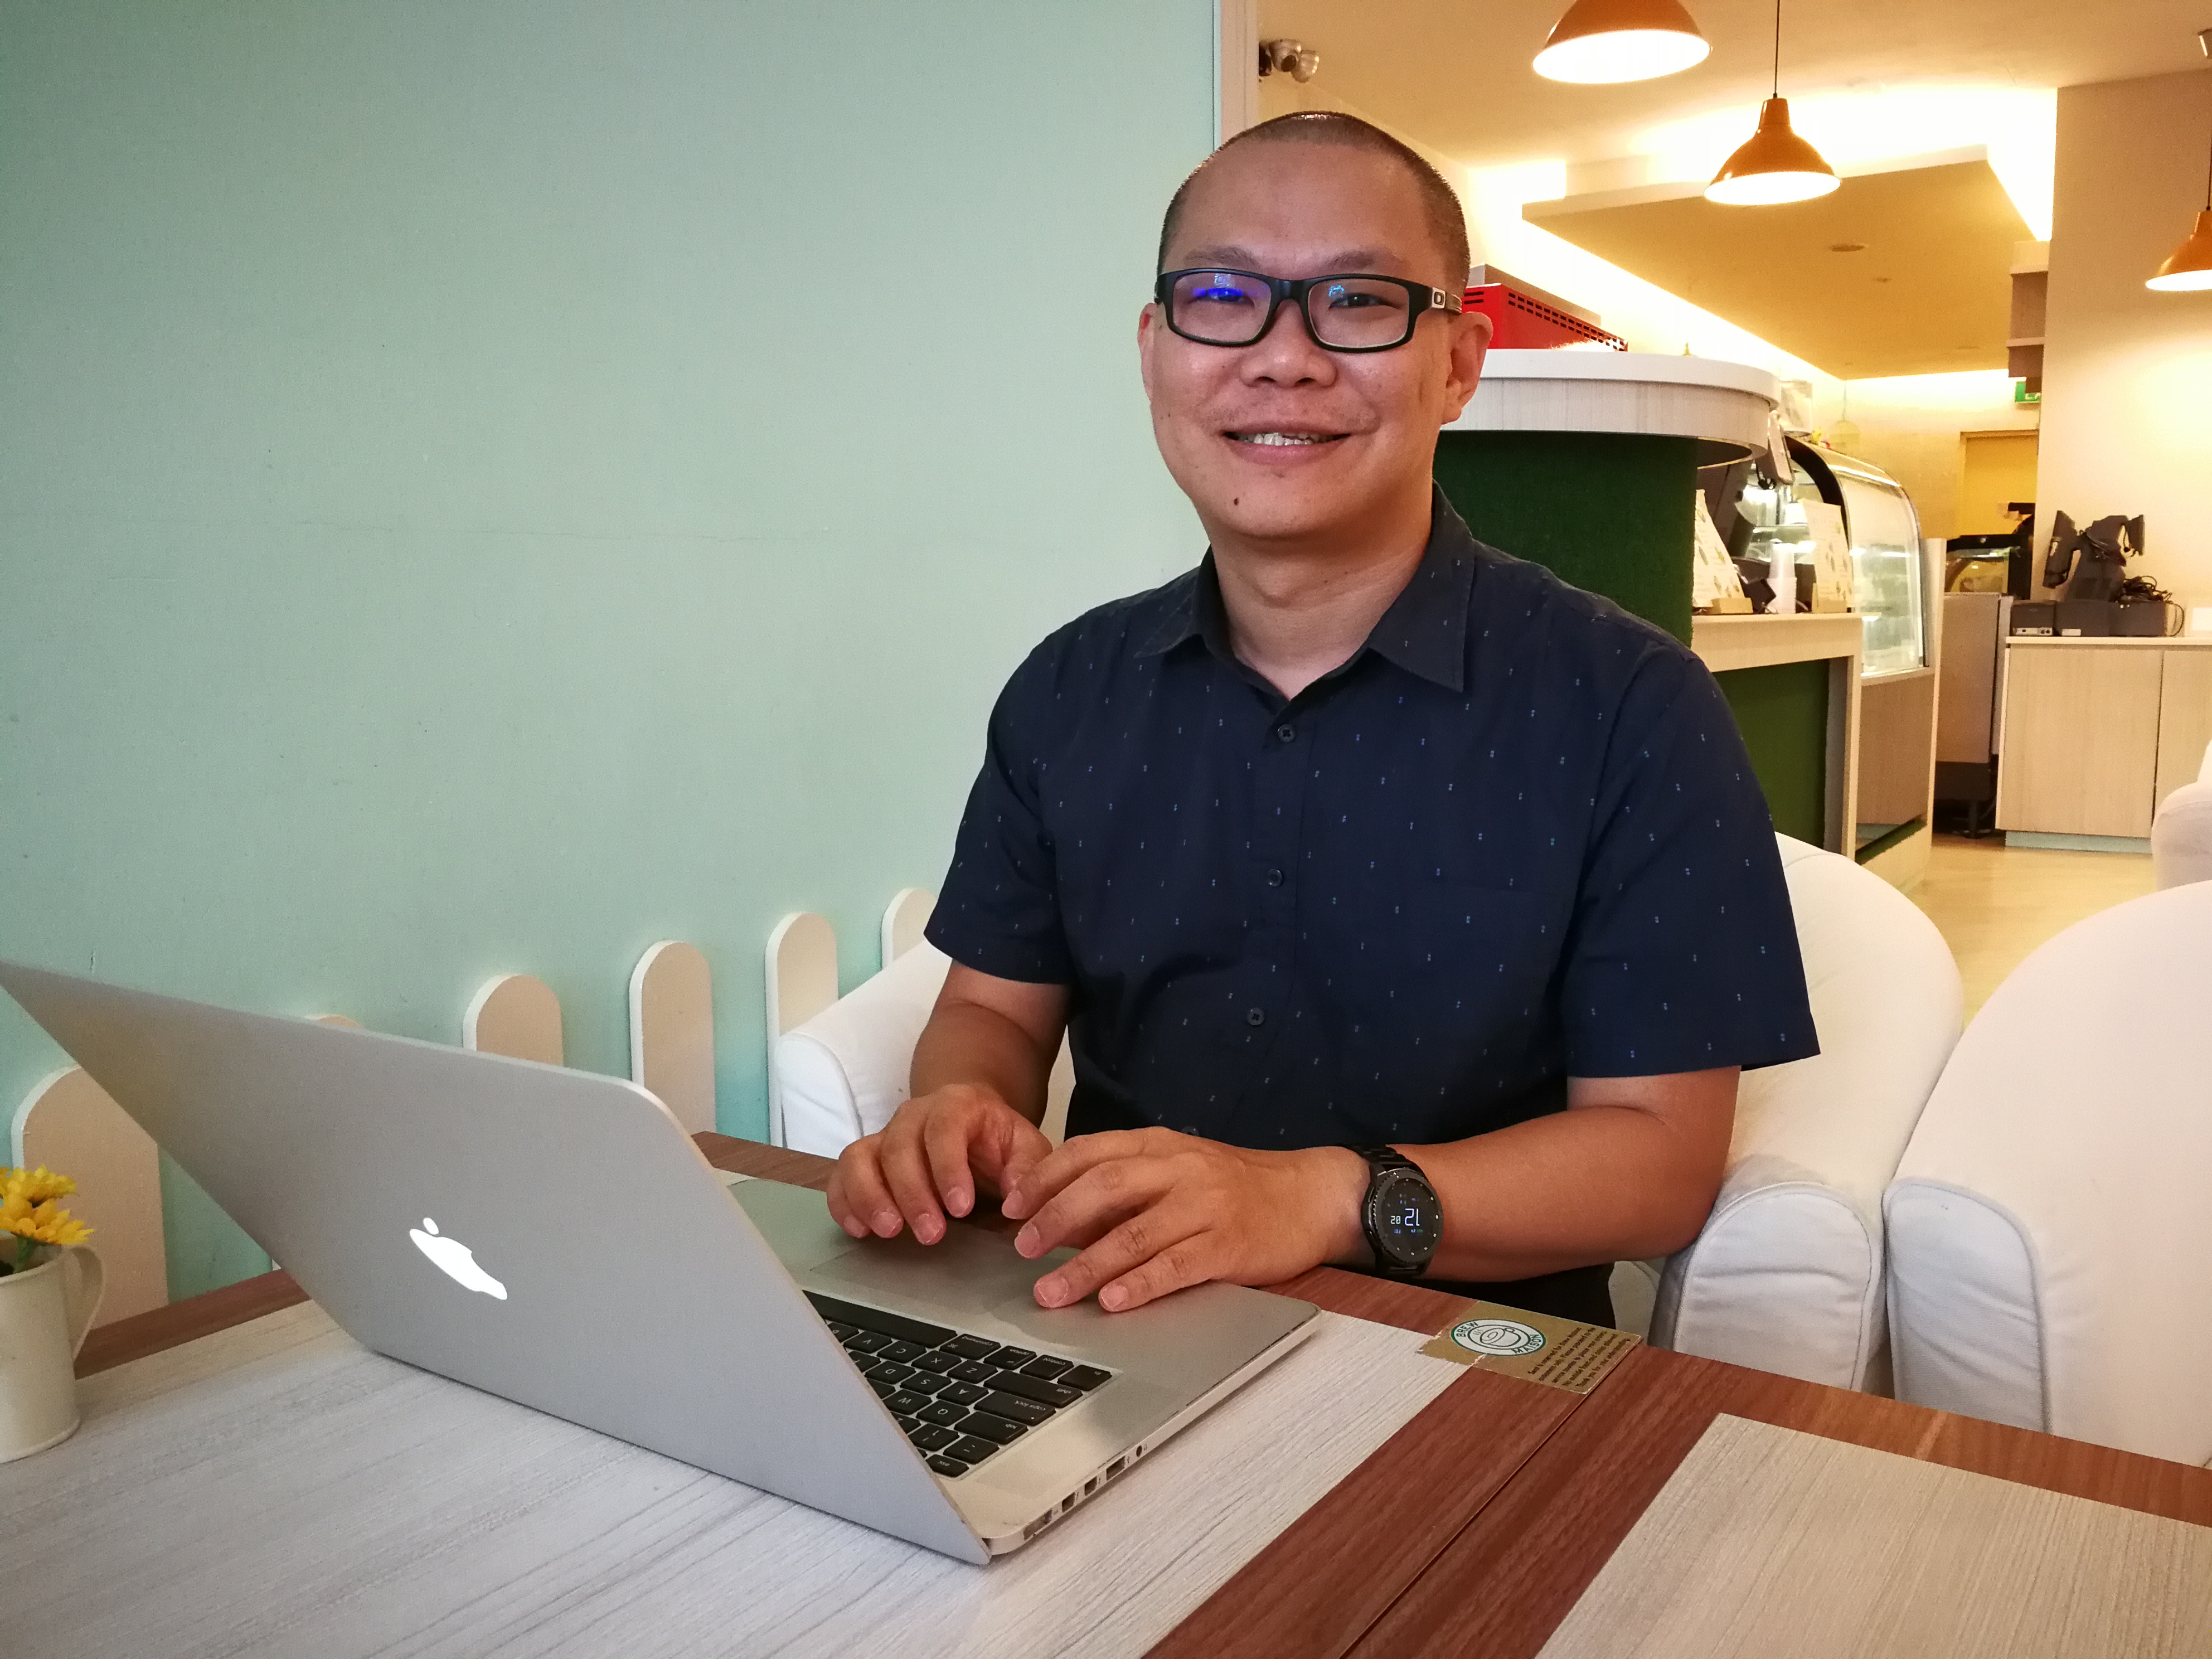 dean loh deanloh.com deanloh freelancing freelancer remote work gig economy